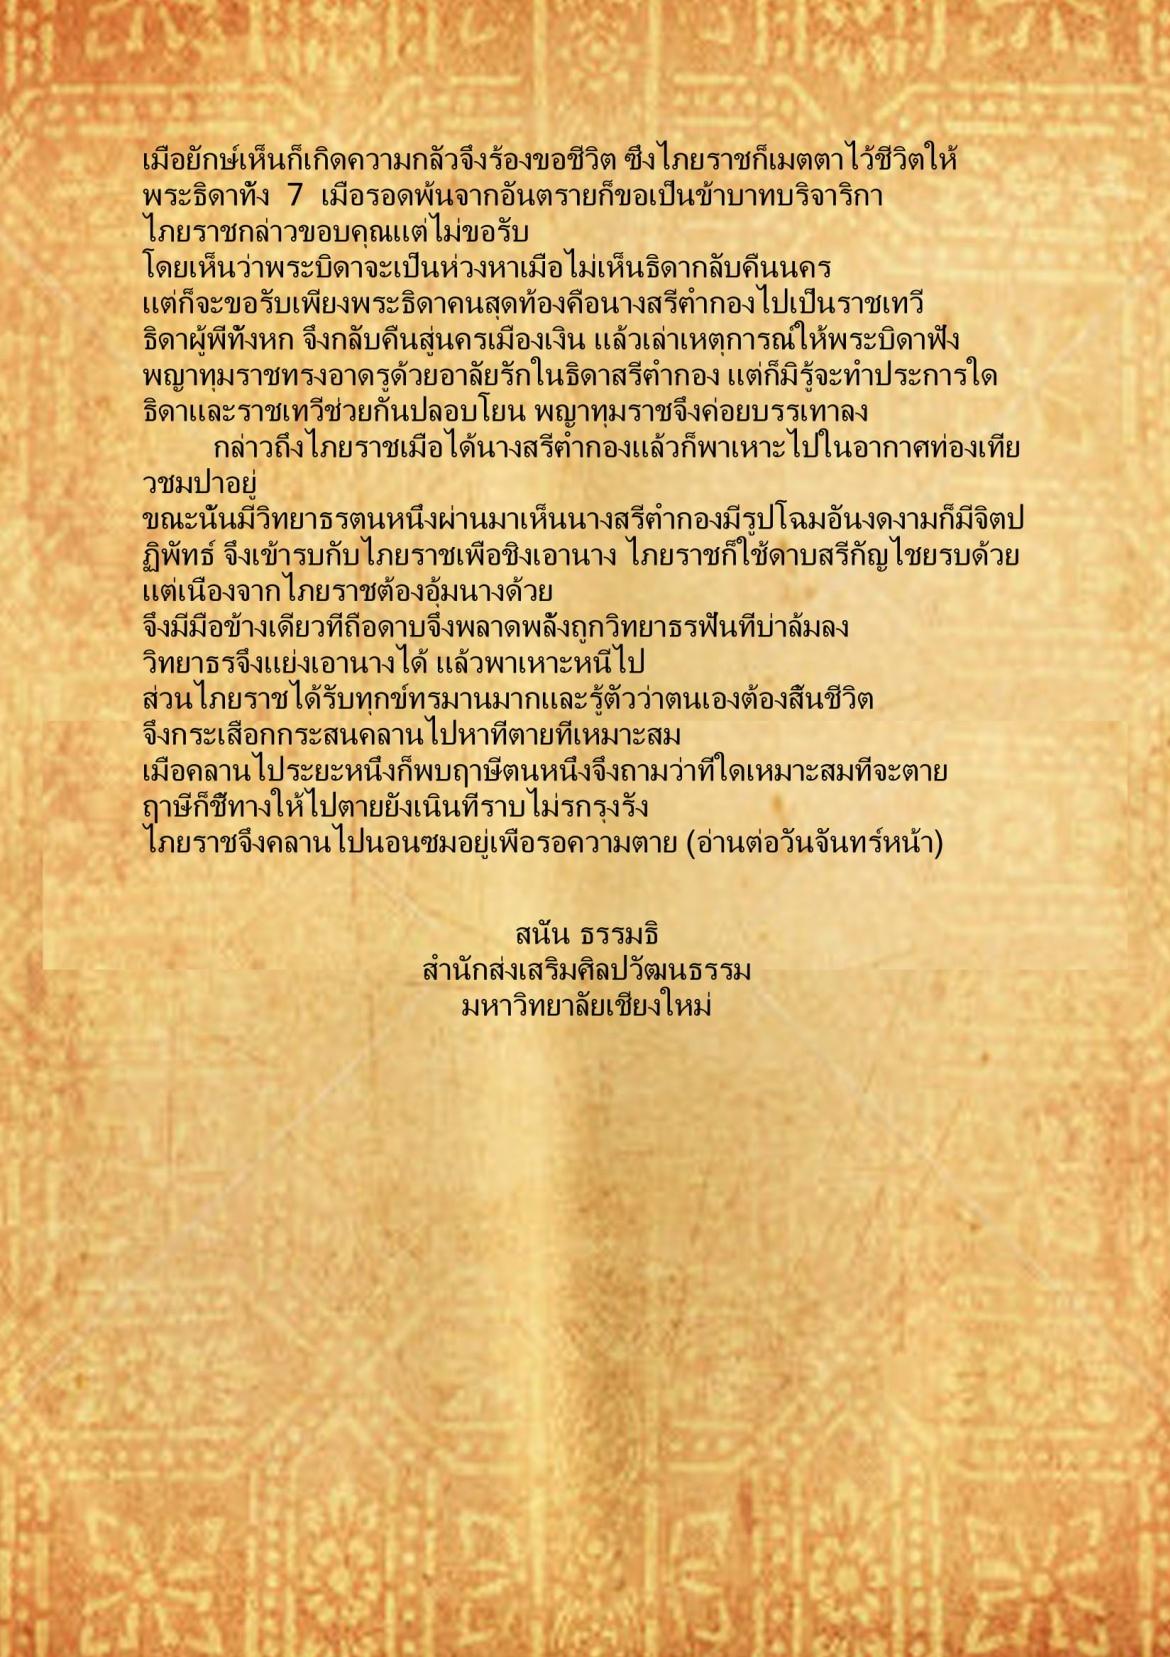 ไภยราช (4) - 27  มิถุนายน  2559